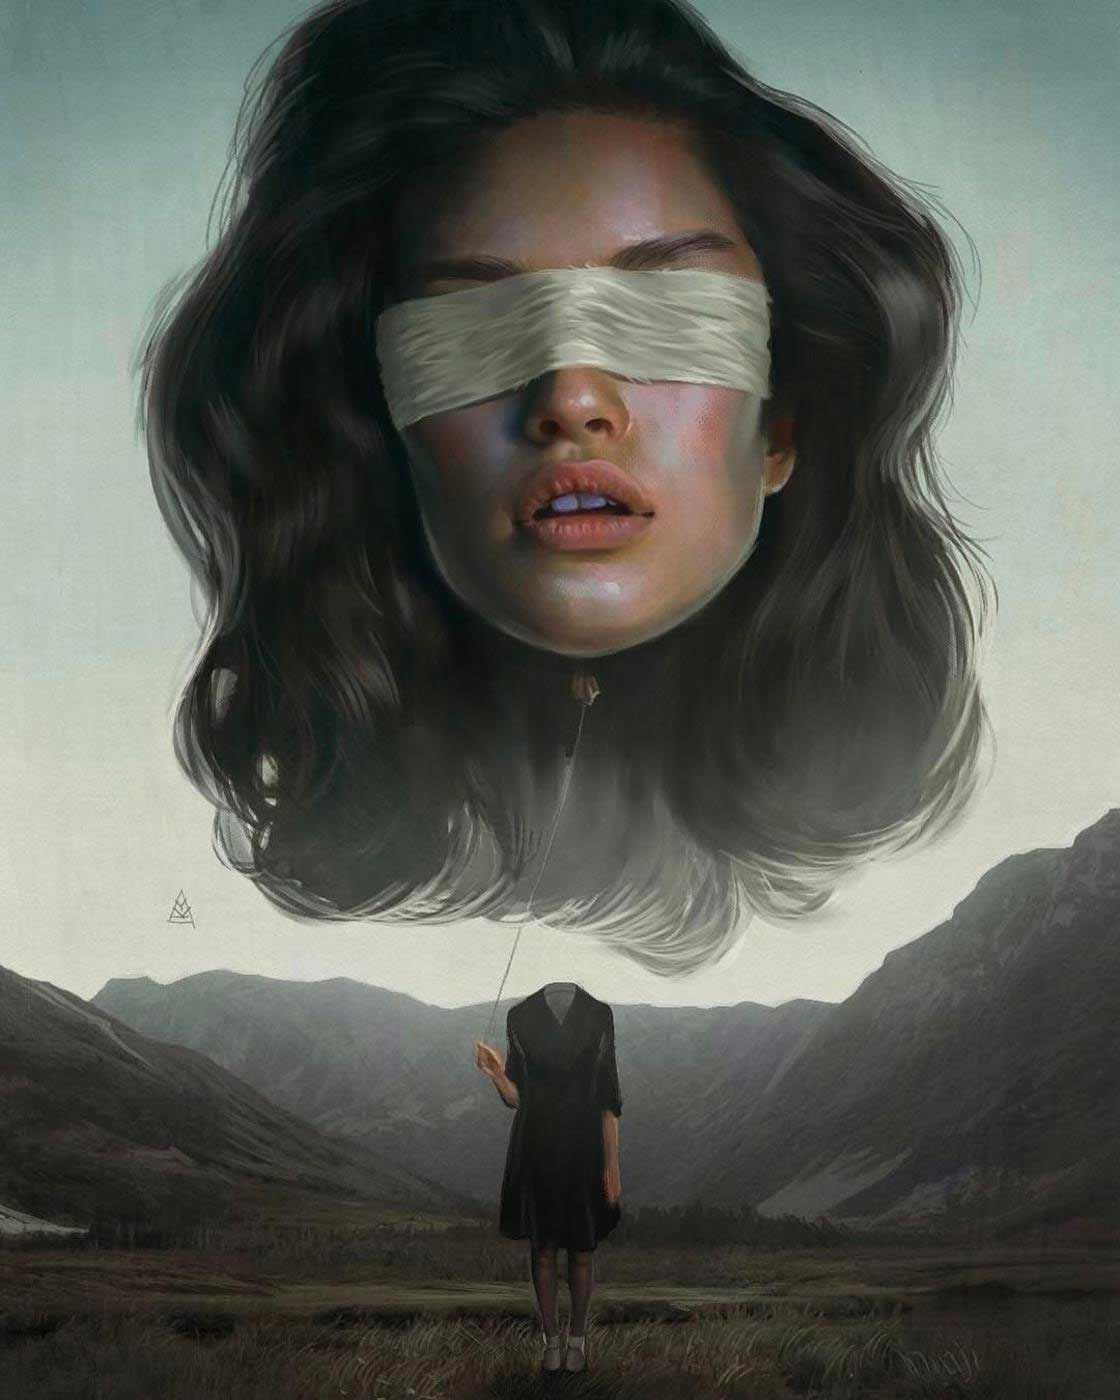 Digital Paintings: Aykut Aydoğdu - Surreale Portra